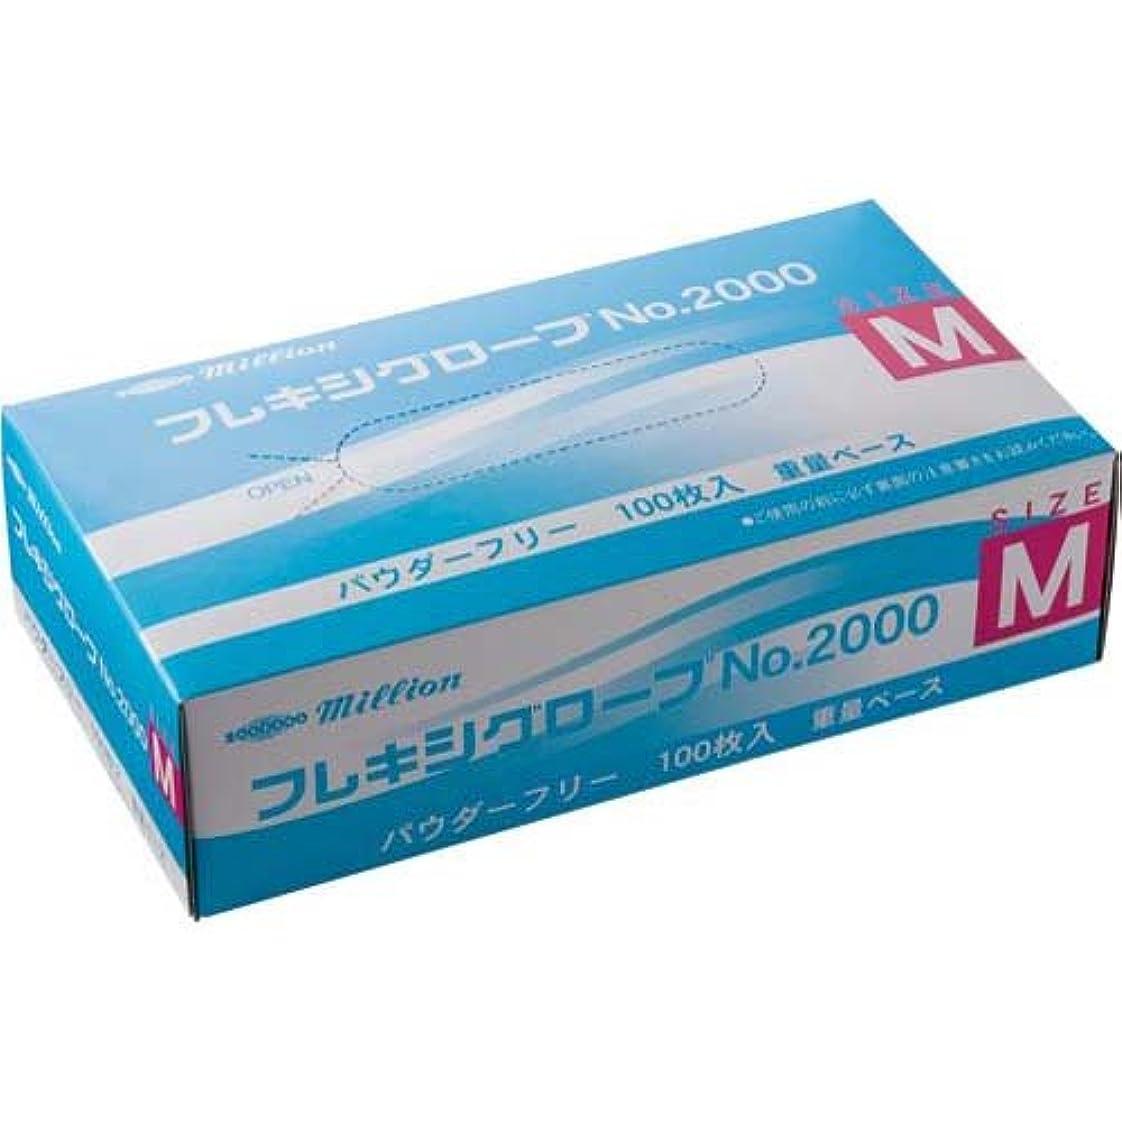 滑る酸度提唱する共和 プラスチック手袋 粉無 No.2000 M 10箱